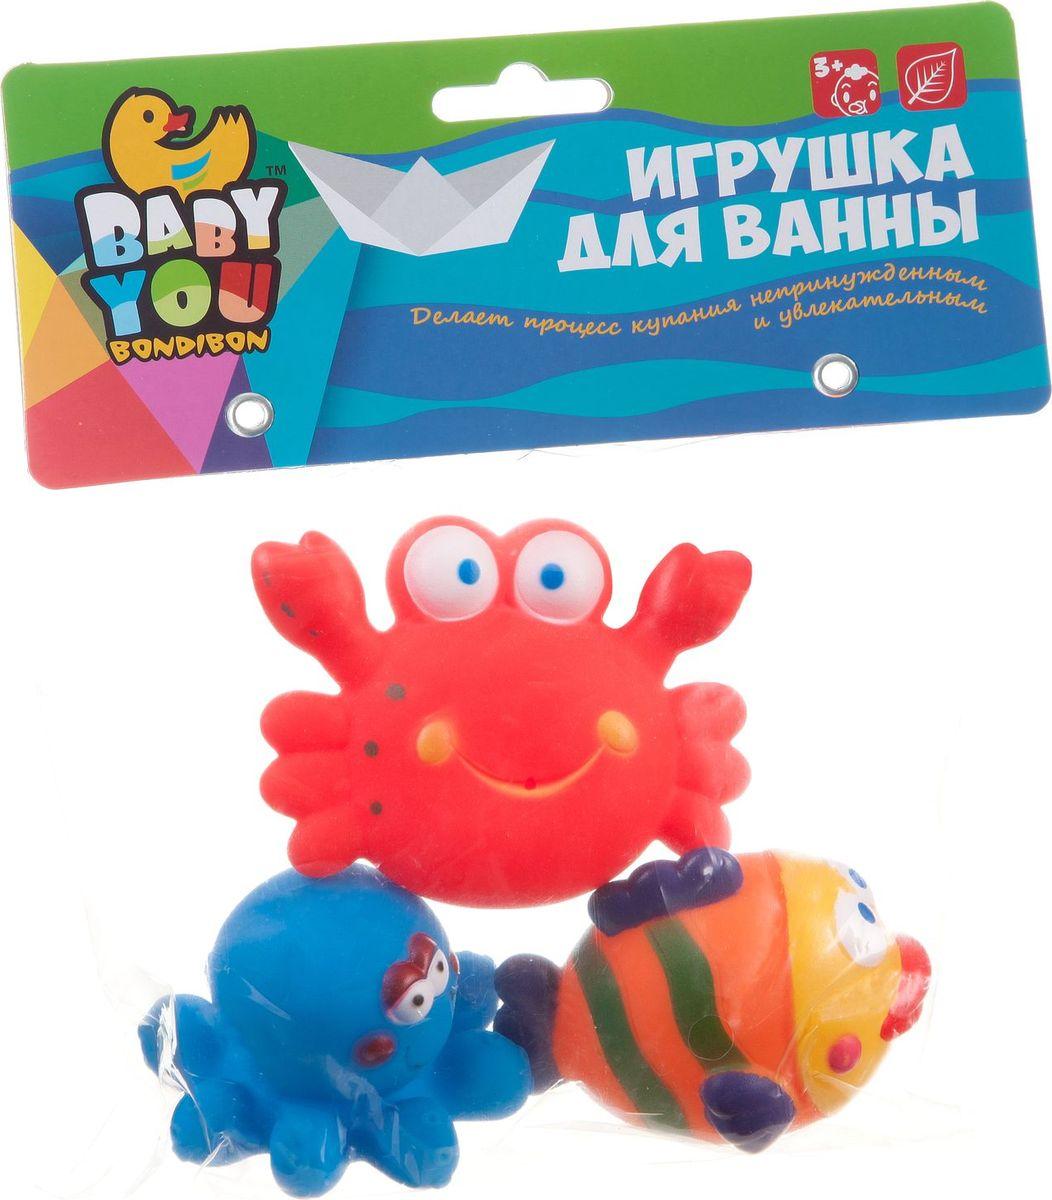 Bondibon Набор для купания Рыбка Осьминог Краб игрушки для ванны bondibon игровой набор для купания дельфин и краб 2 шт